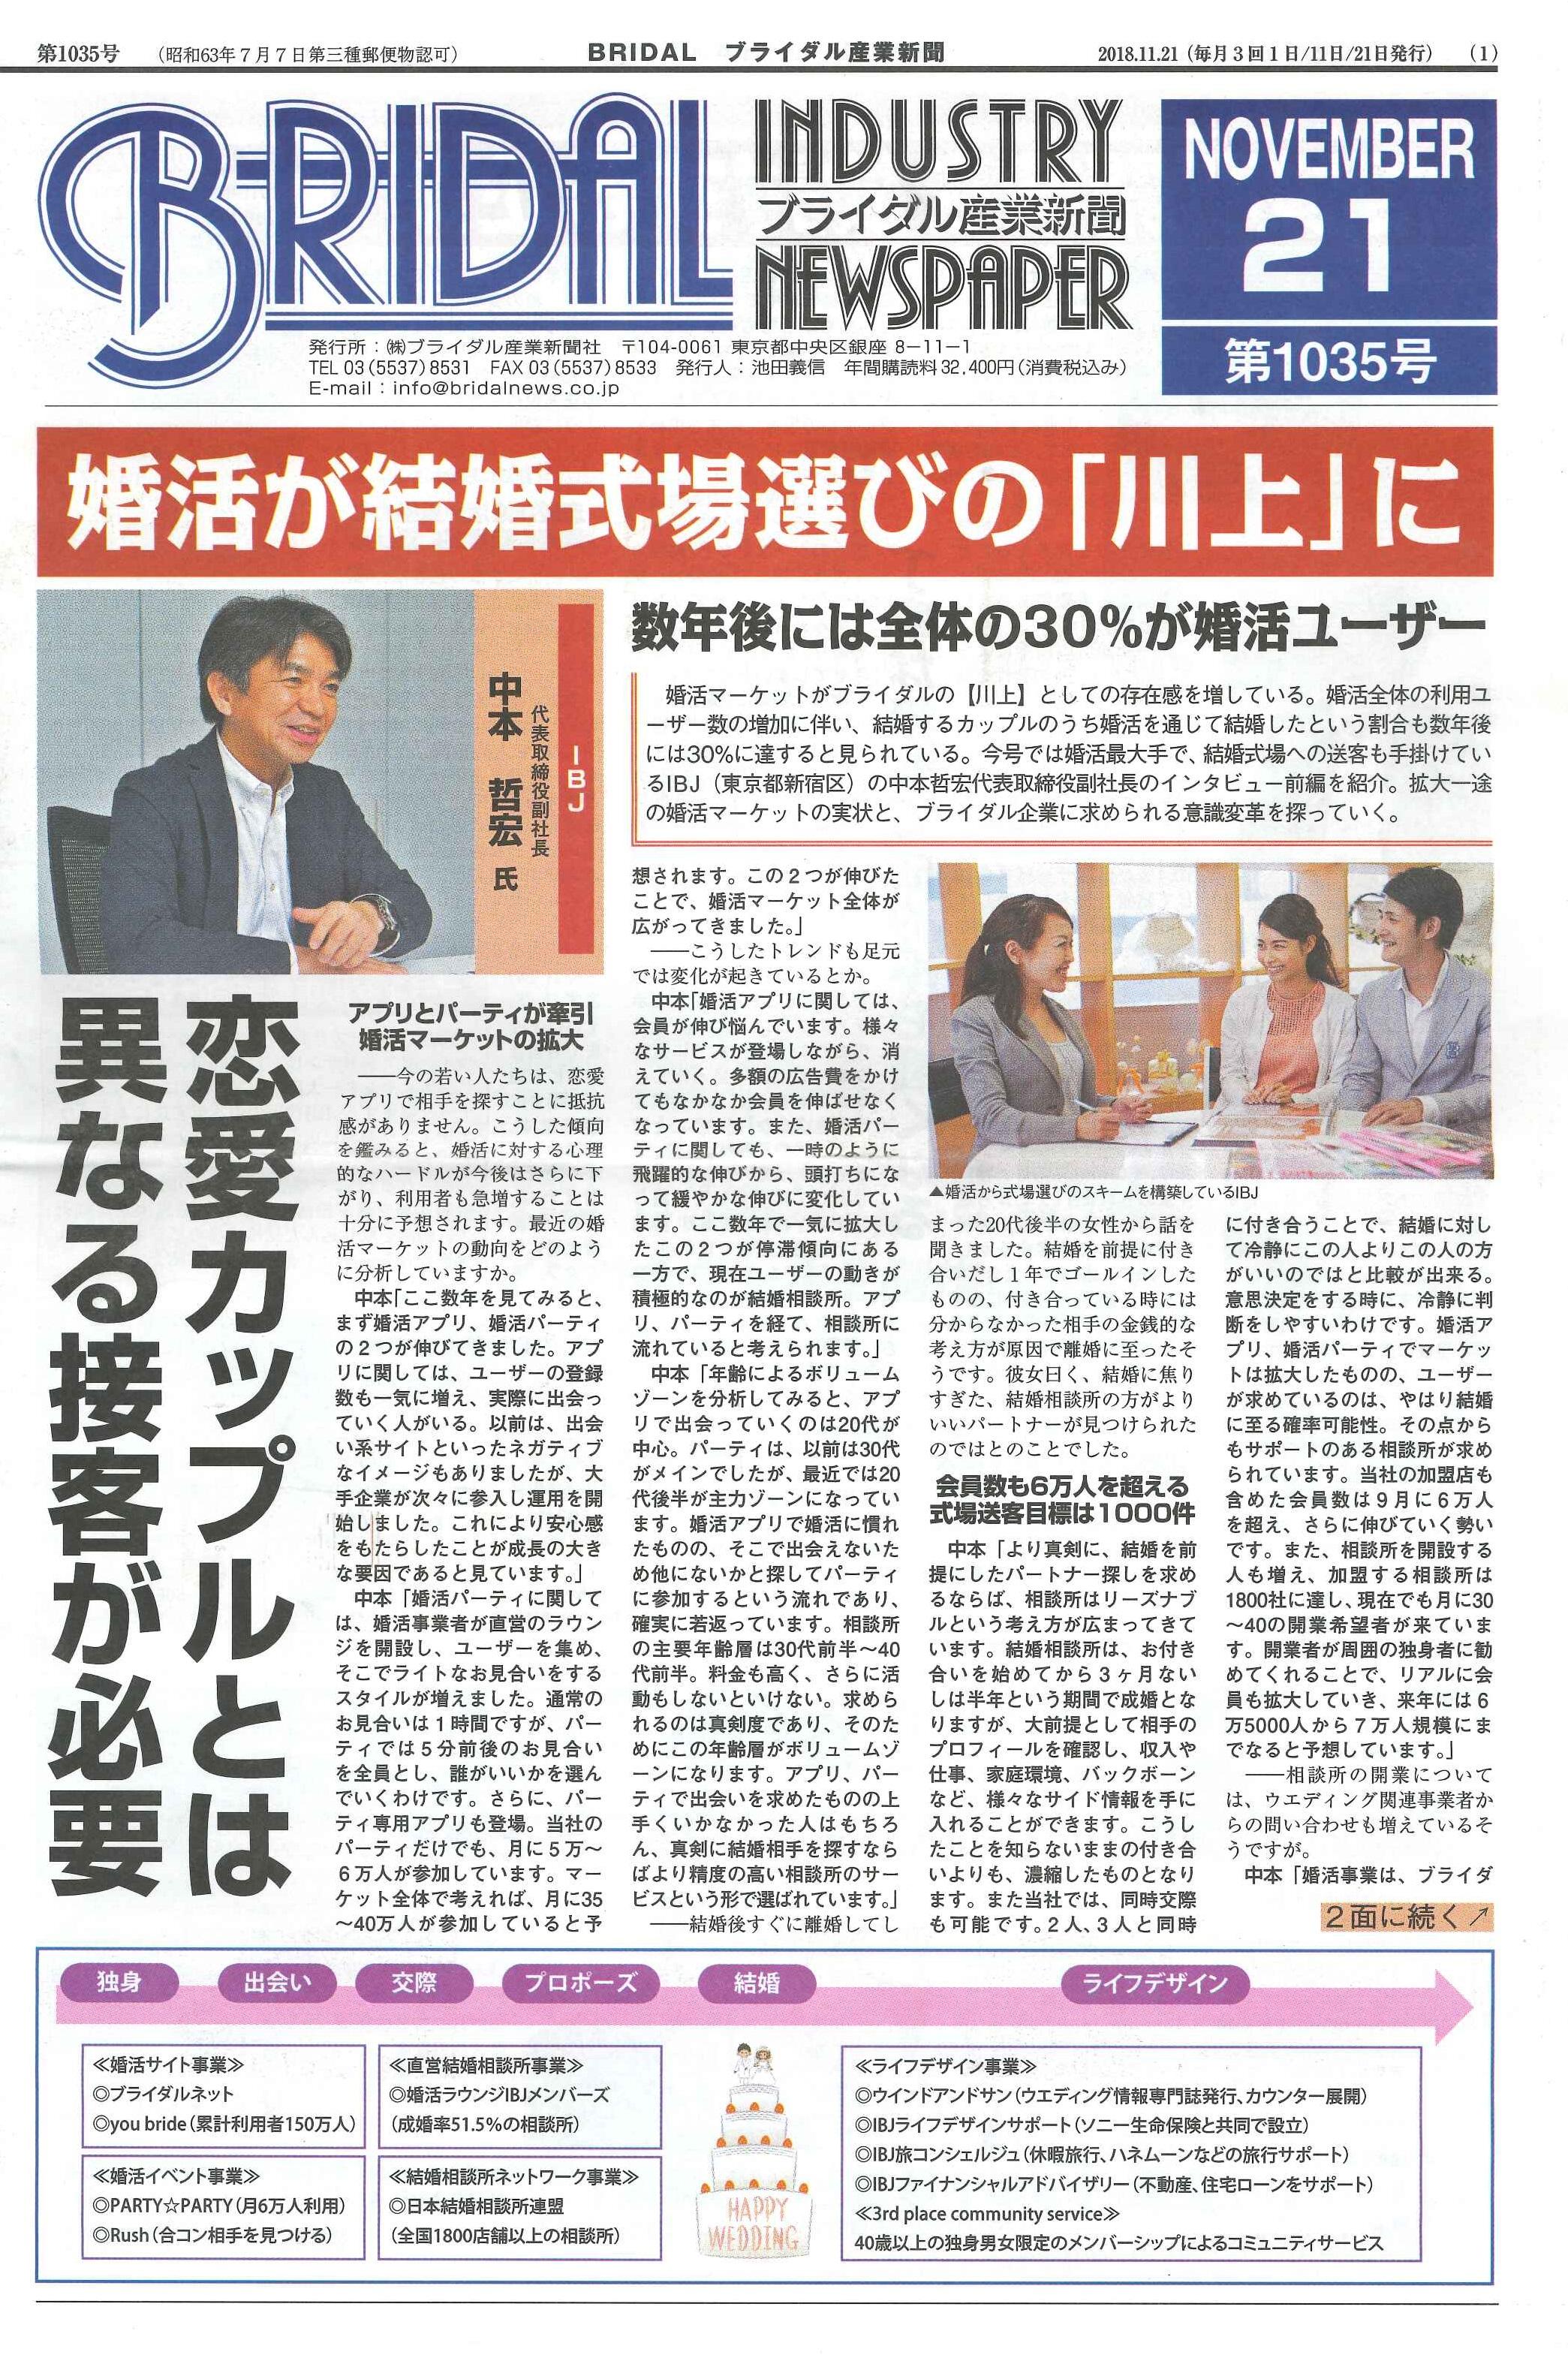 ブライダル産業新聞 IBJ 1